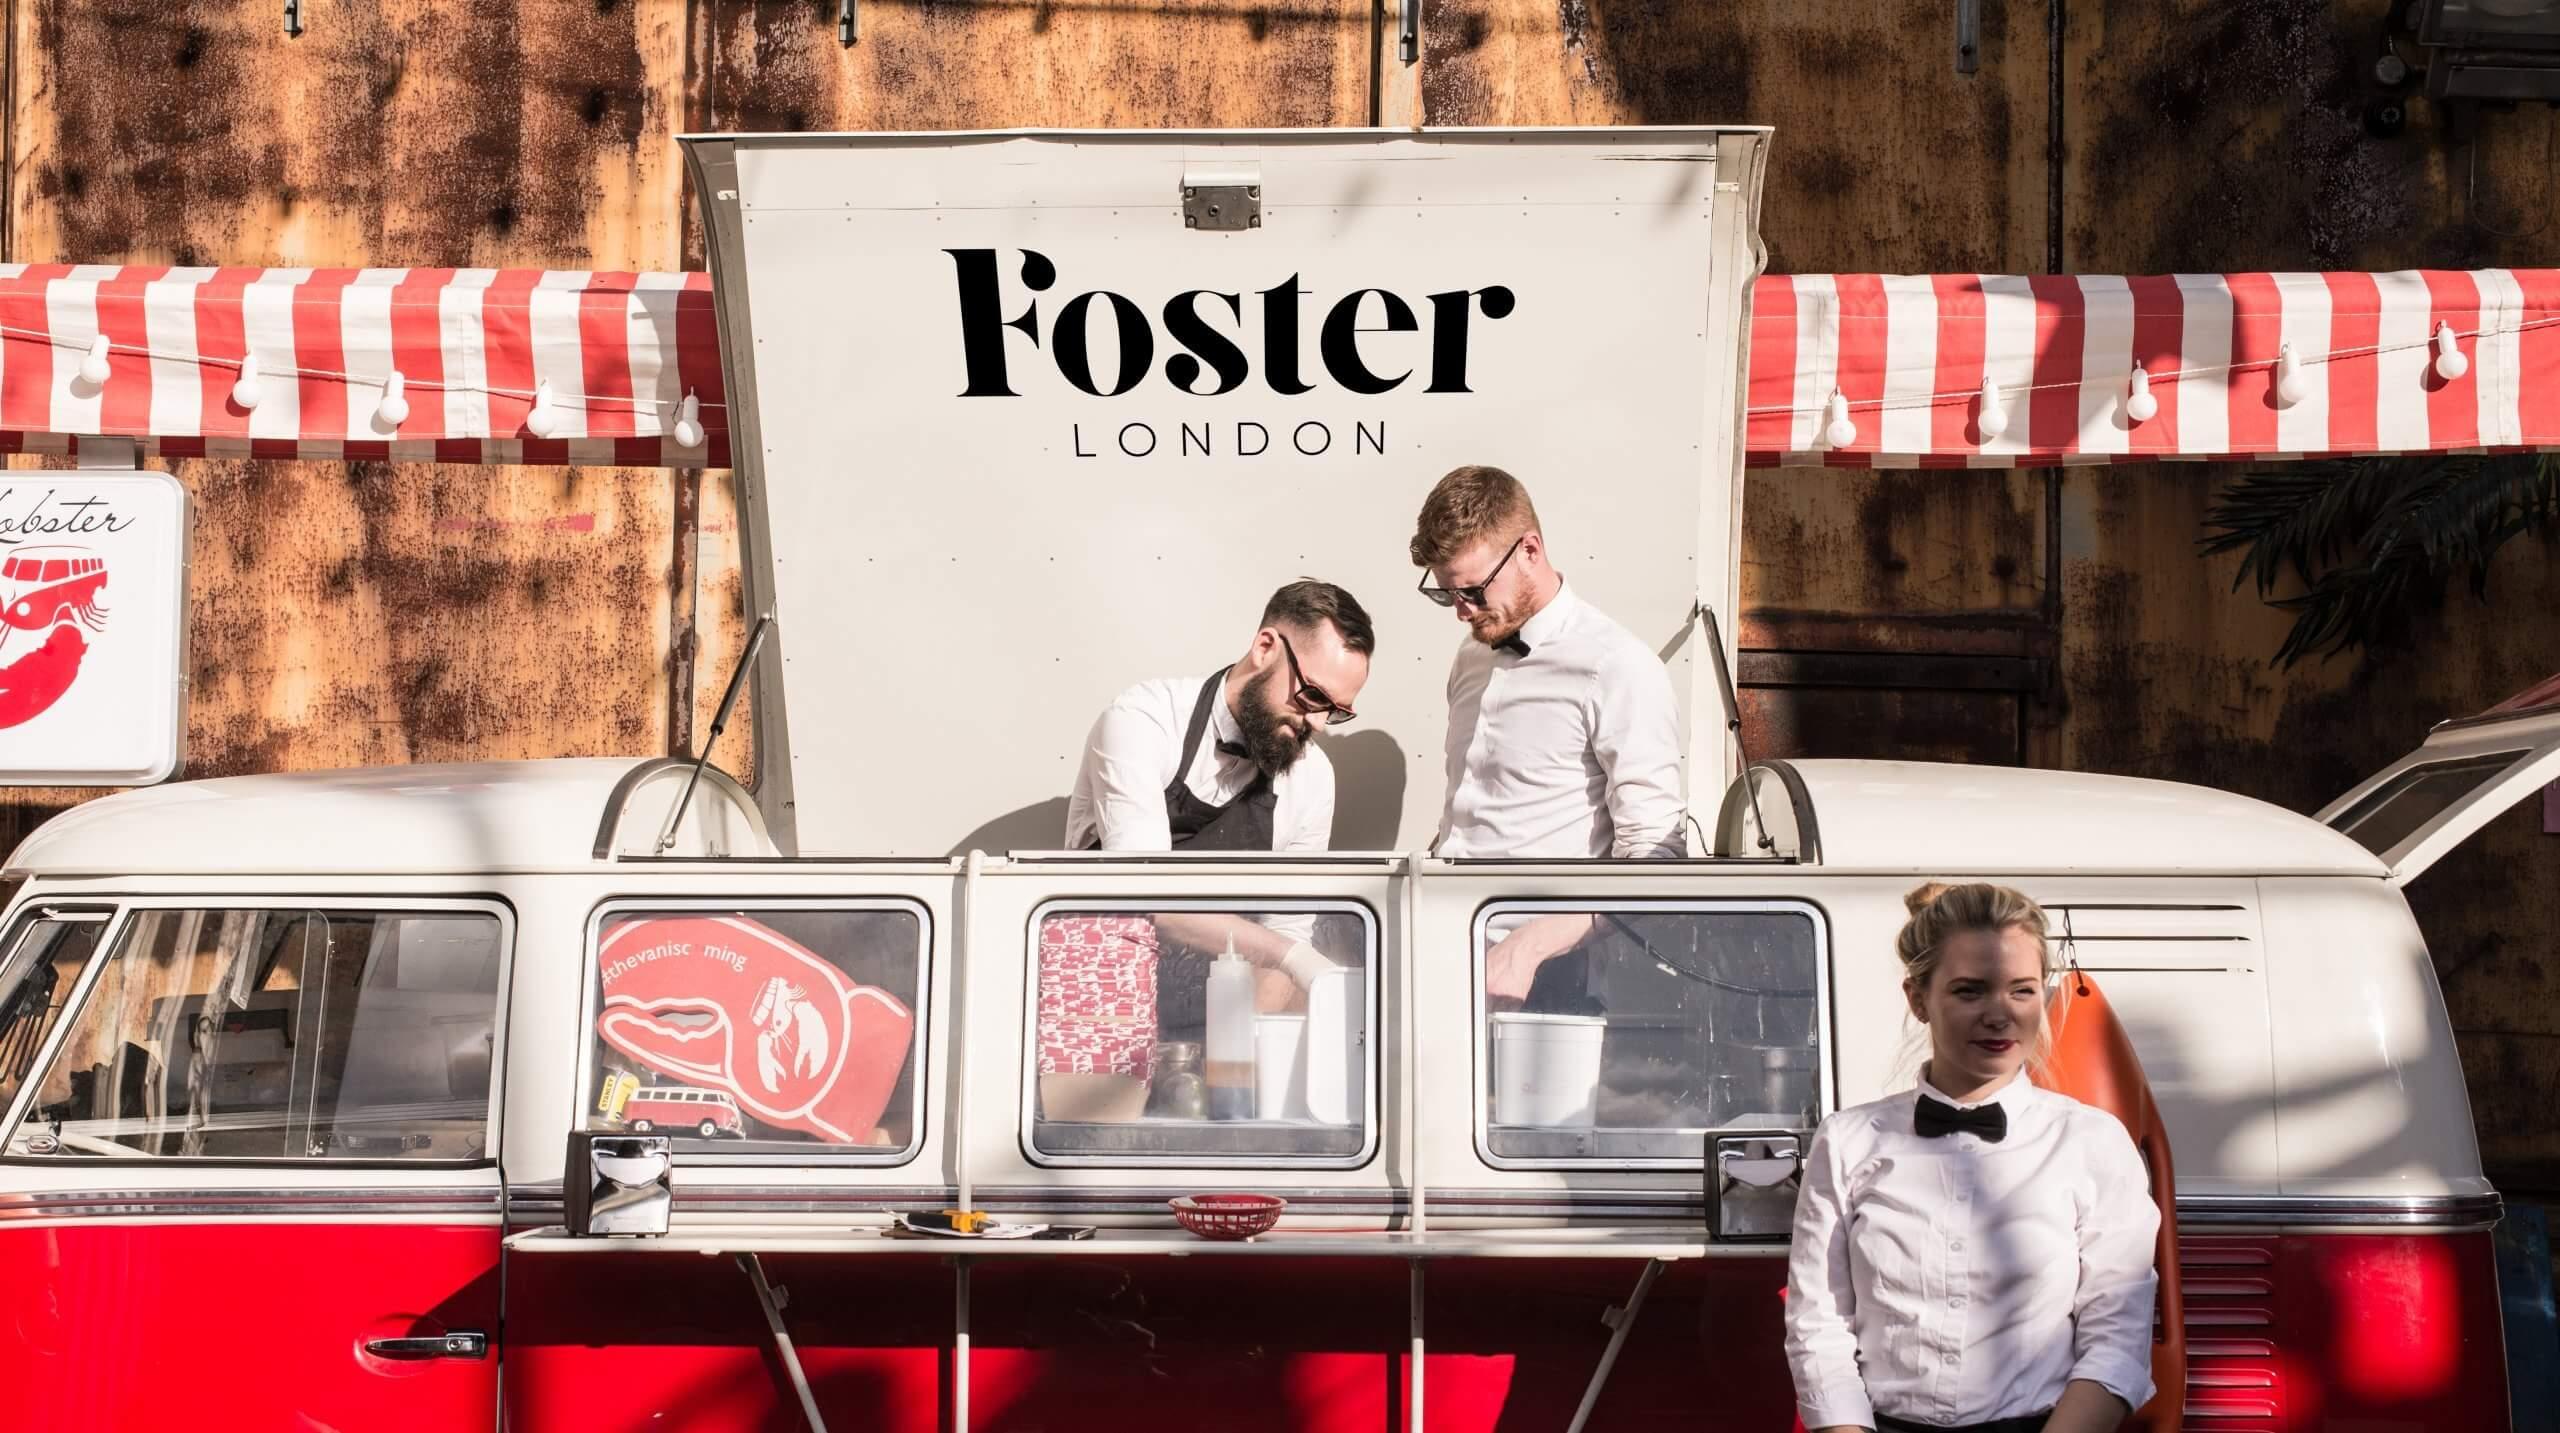 Foster London Van